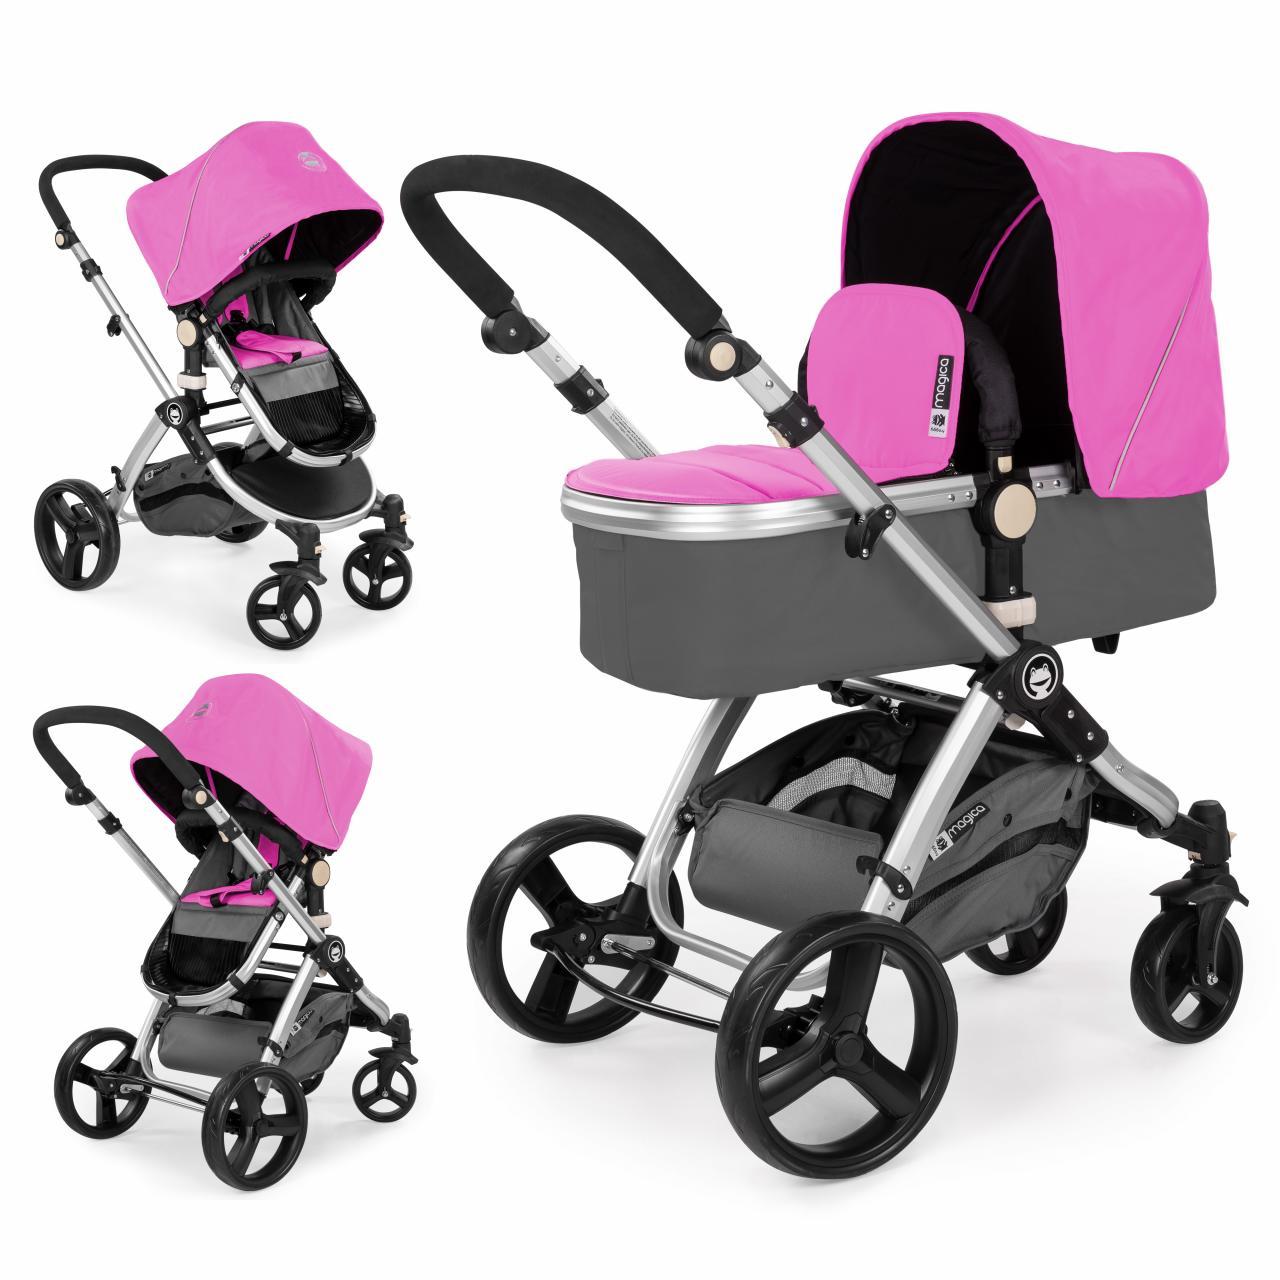 Froggy-Kombikinderwagen-Sportwagen-Buggy-Kinderwagen-MAGICA-Design-Baby